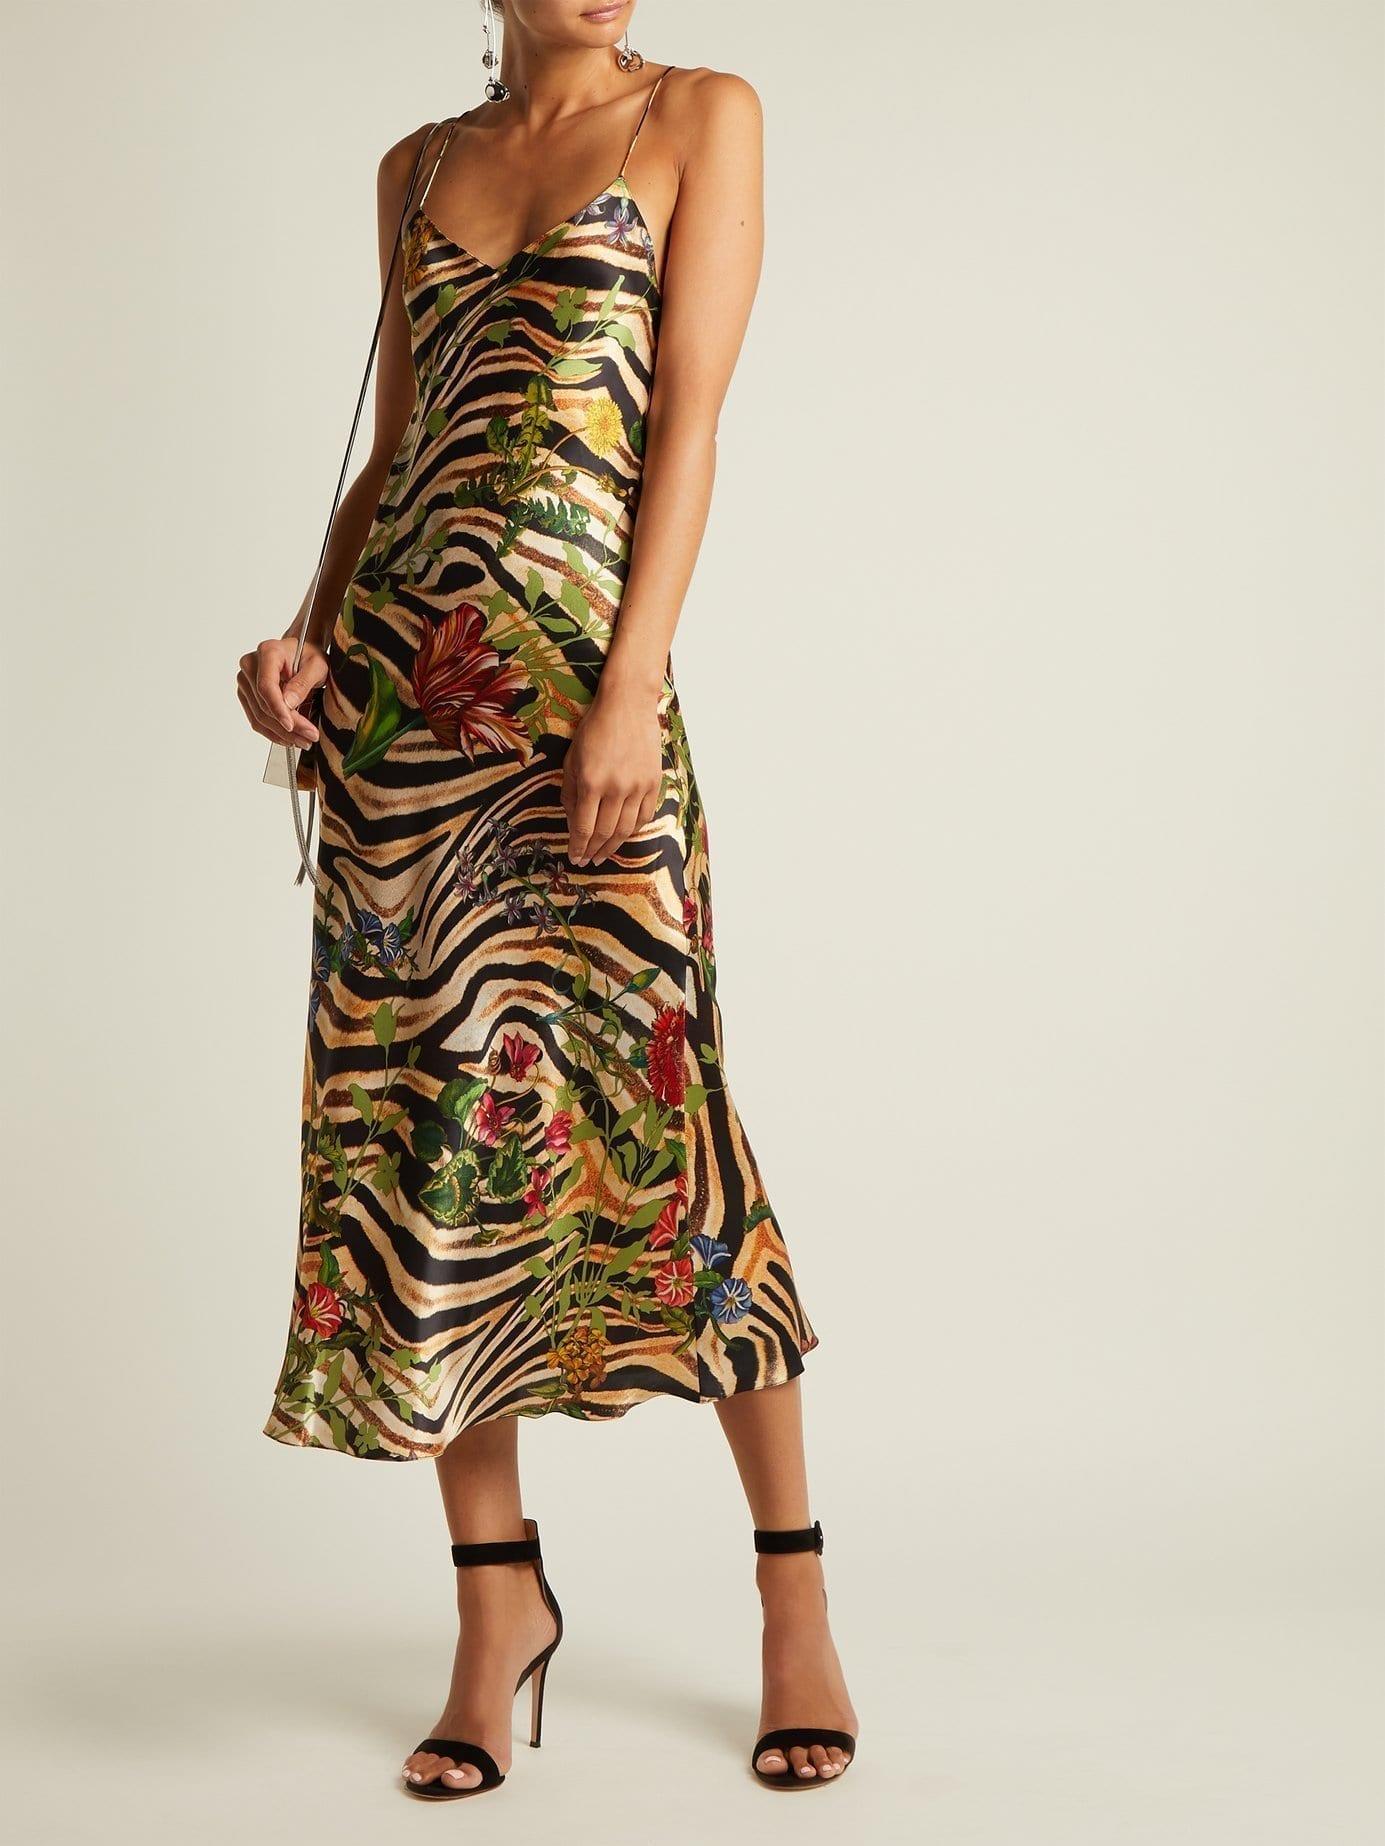 ADRIANA IGLESIAS Jadi Silk Leopard Printed Dress